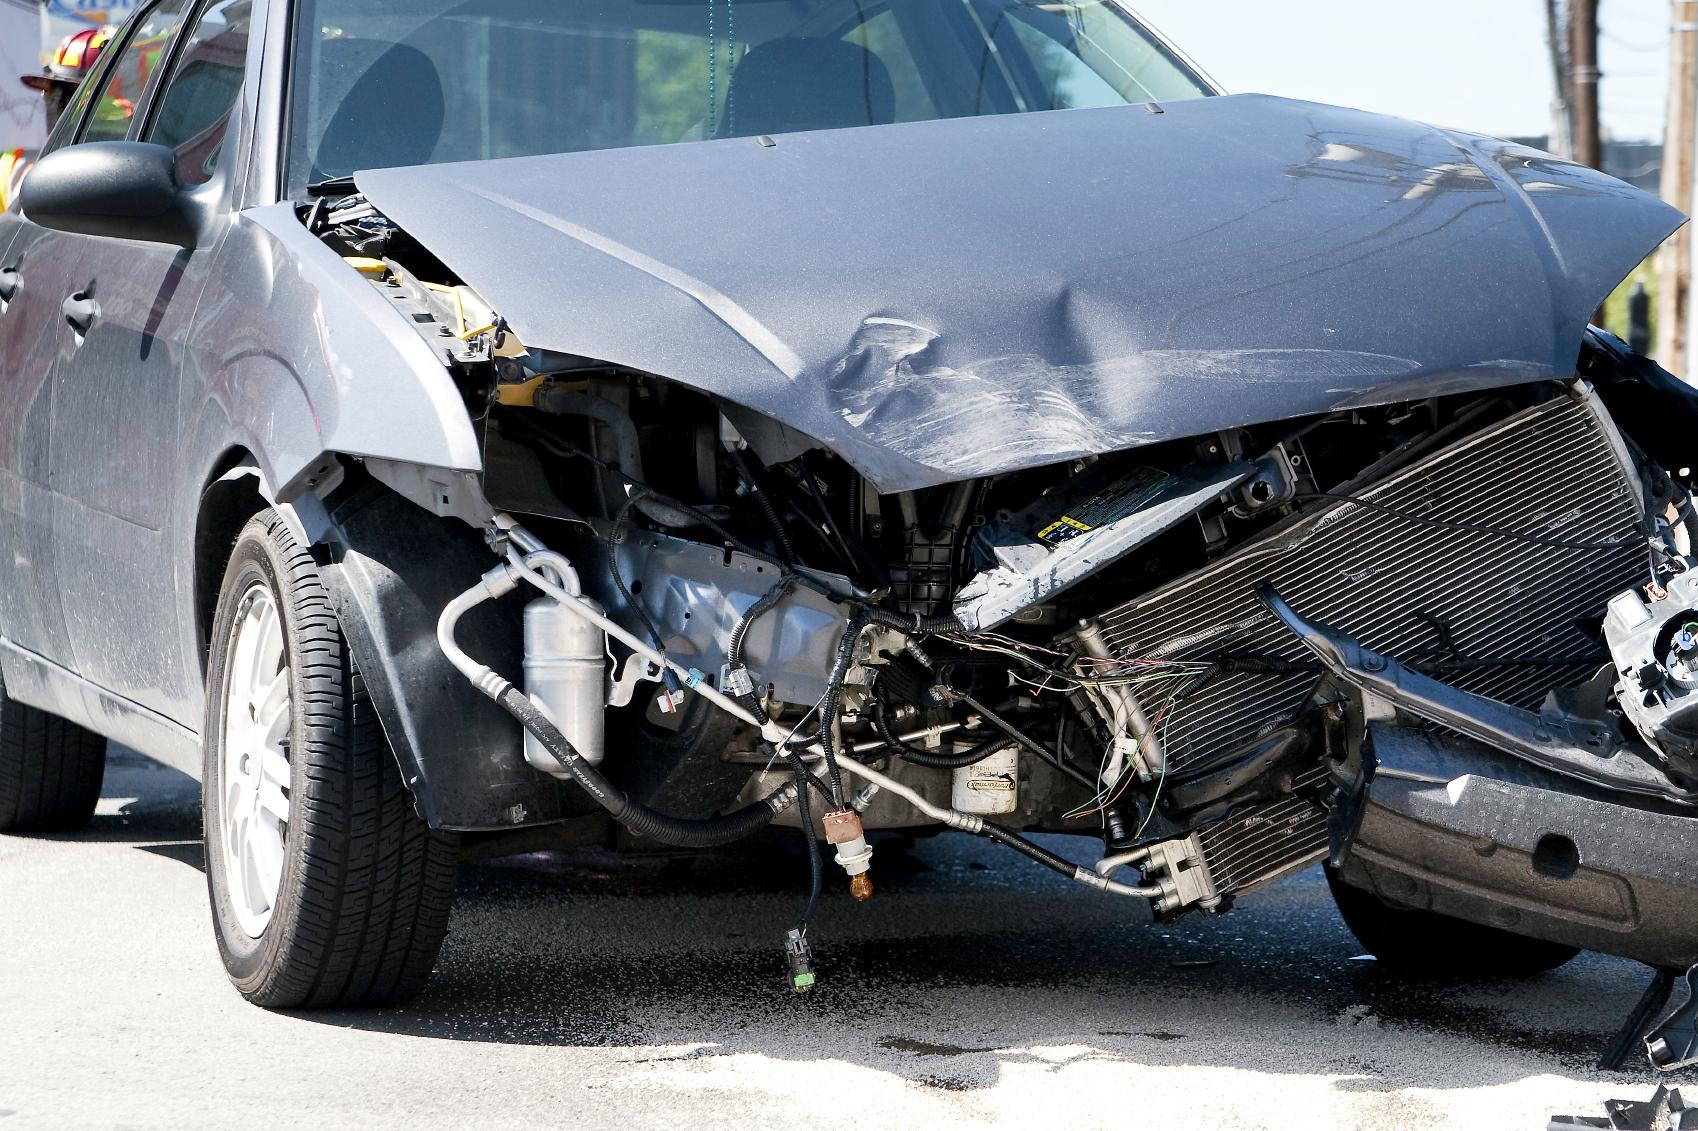 картинки разбившихся машин что еще